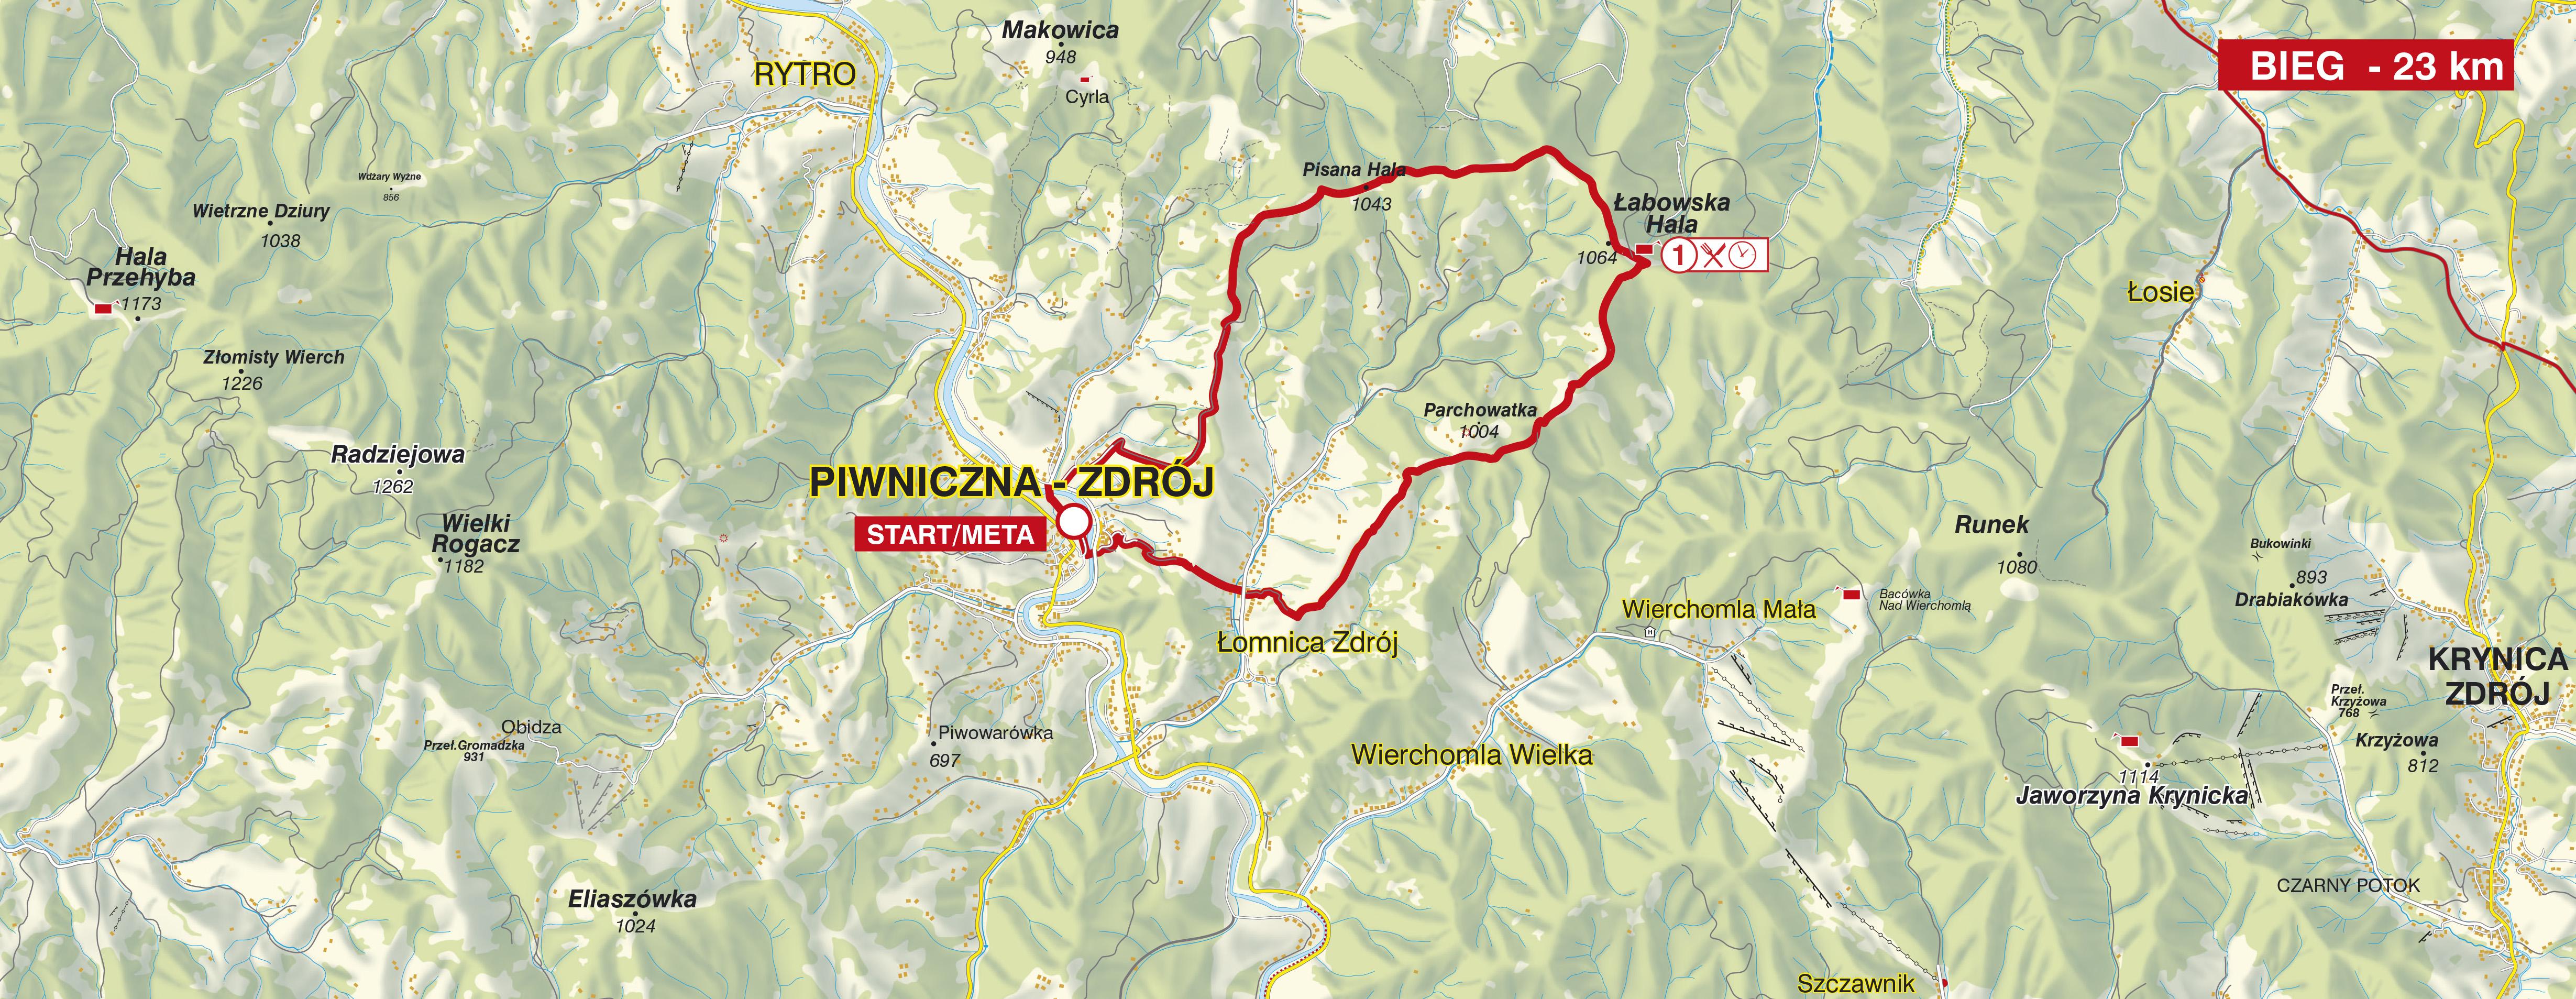 Bieg Górski na 23 km trasa - mapa